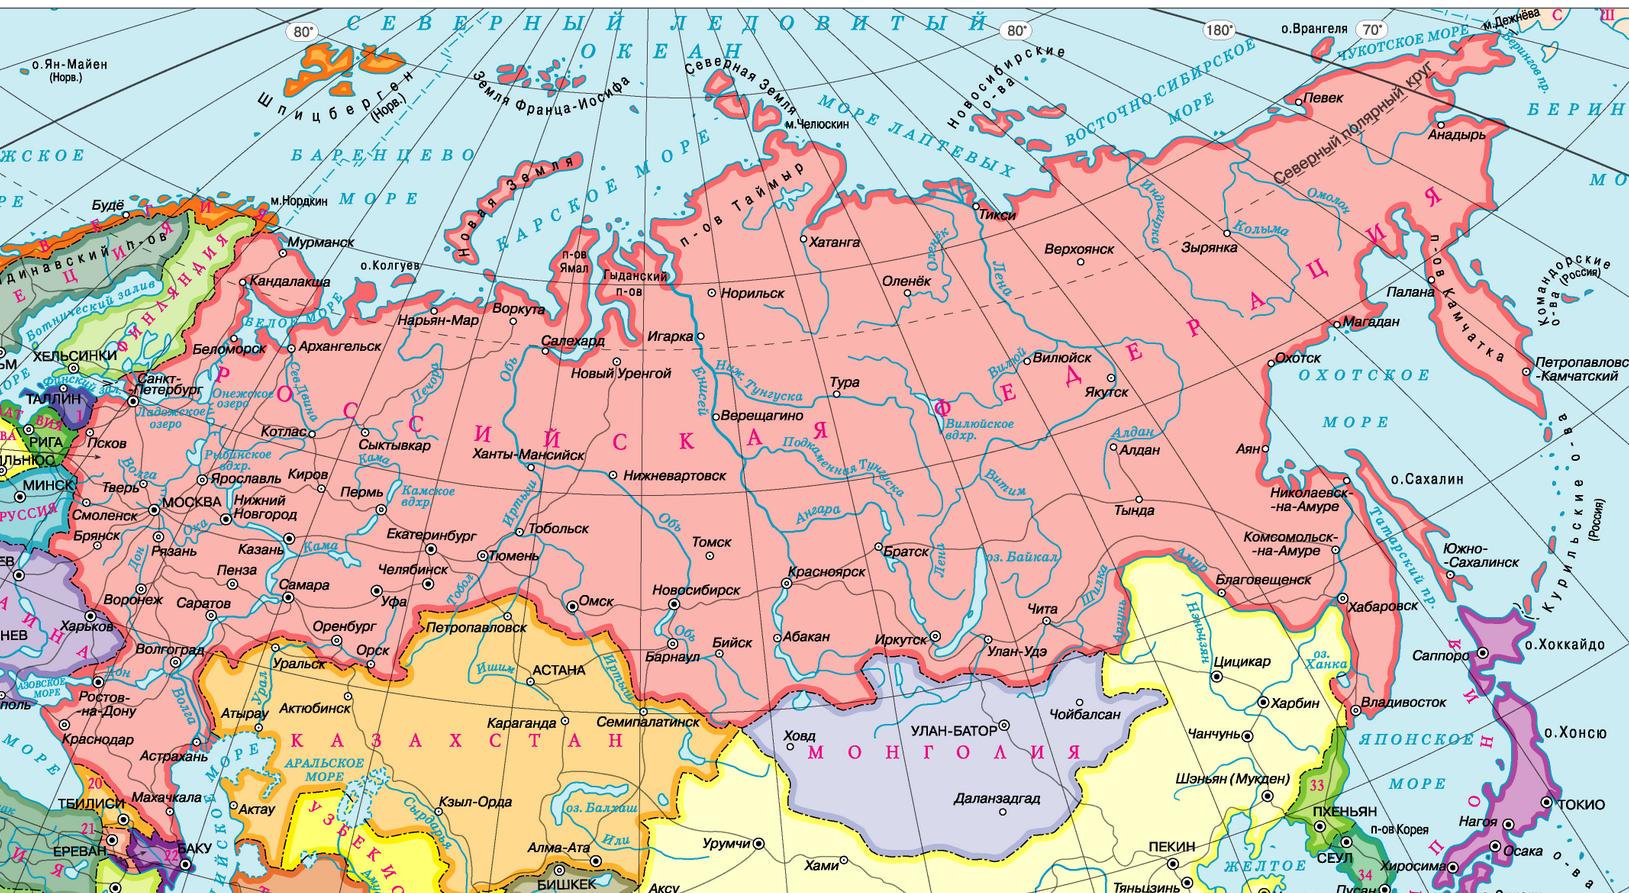 Скачать карту россии на компьютер бесплатно